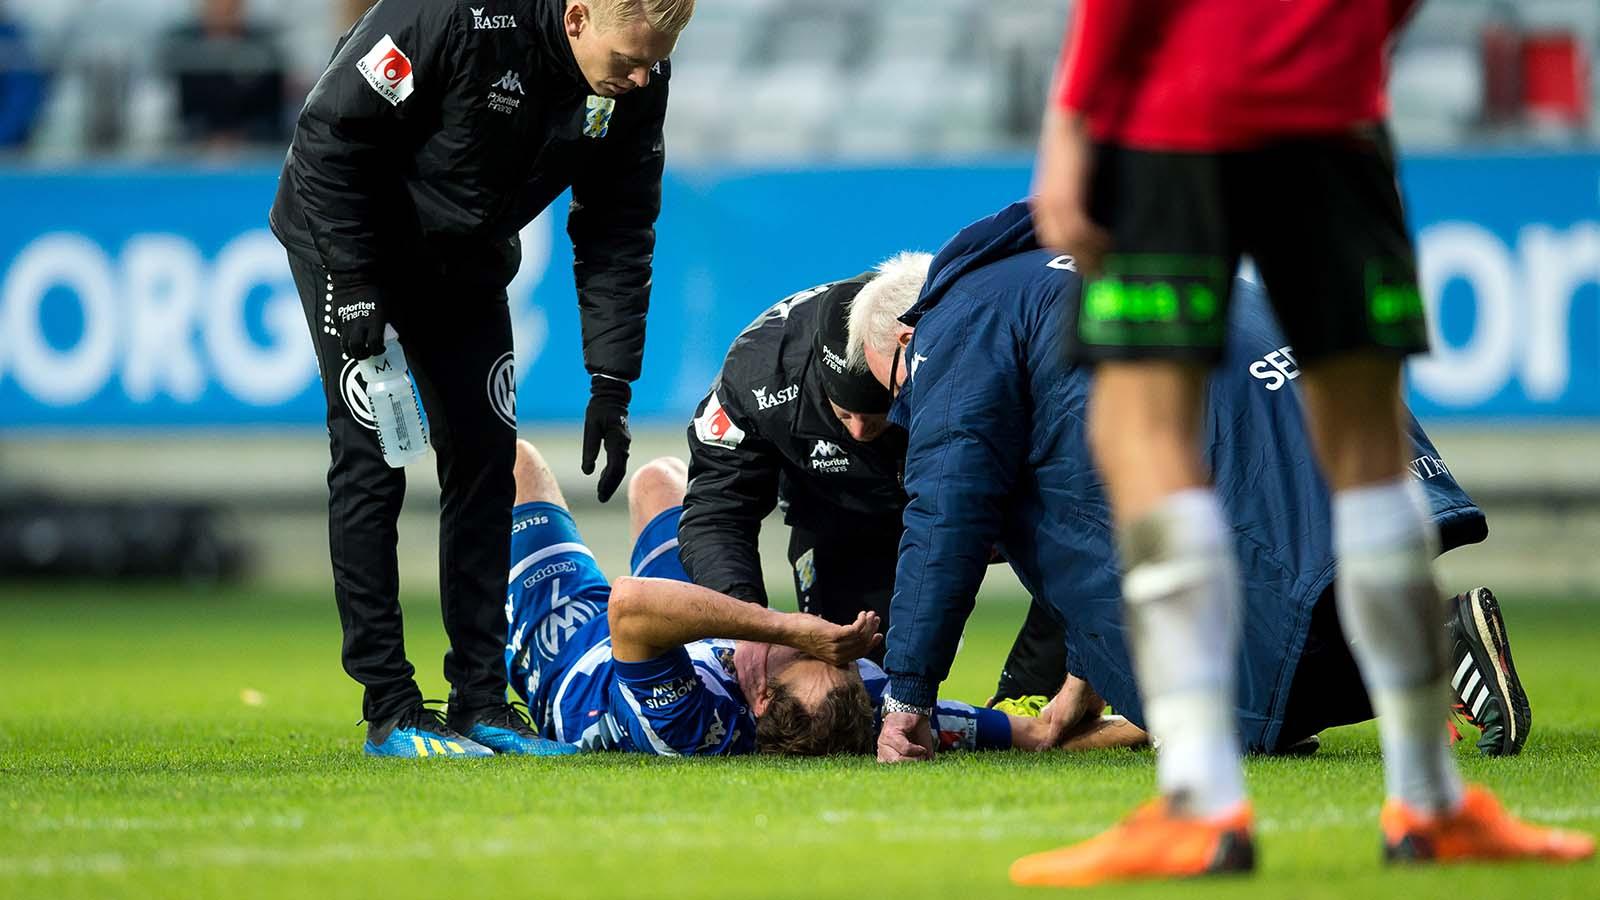 181006 IFK Göteborgs Tobias Hysén ligger skadad under fotbollsmatchen i Allsvenskan mellan IFK Göteborg och Trelleborg den 6 oktober 2018 i Göteborg. Foto: Daniel Stiller / Bildbyrån / kod DS / 59265